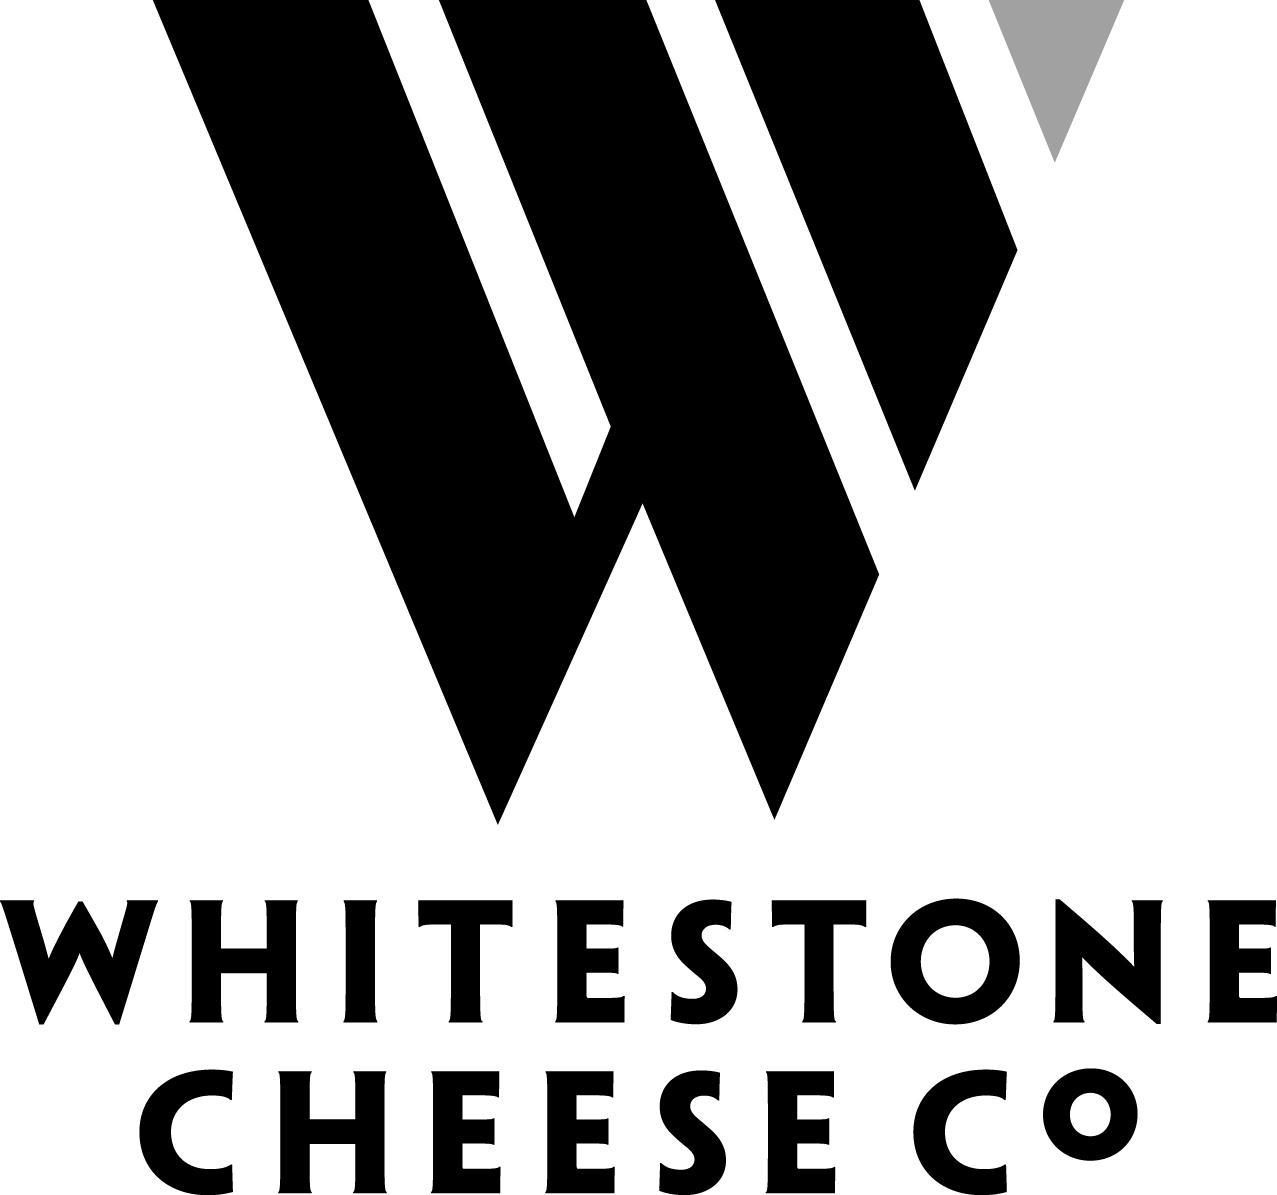 Whitestone Cheese logo.jpg